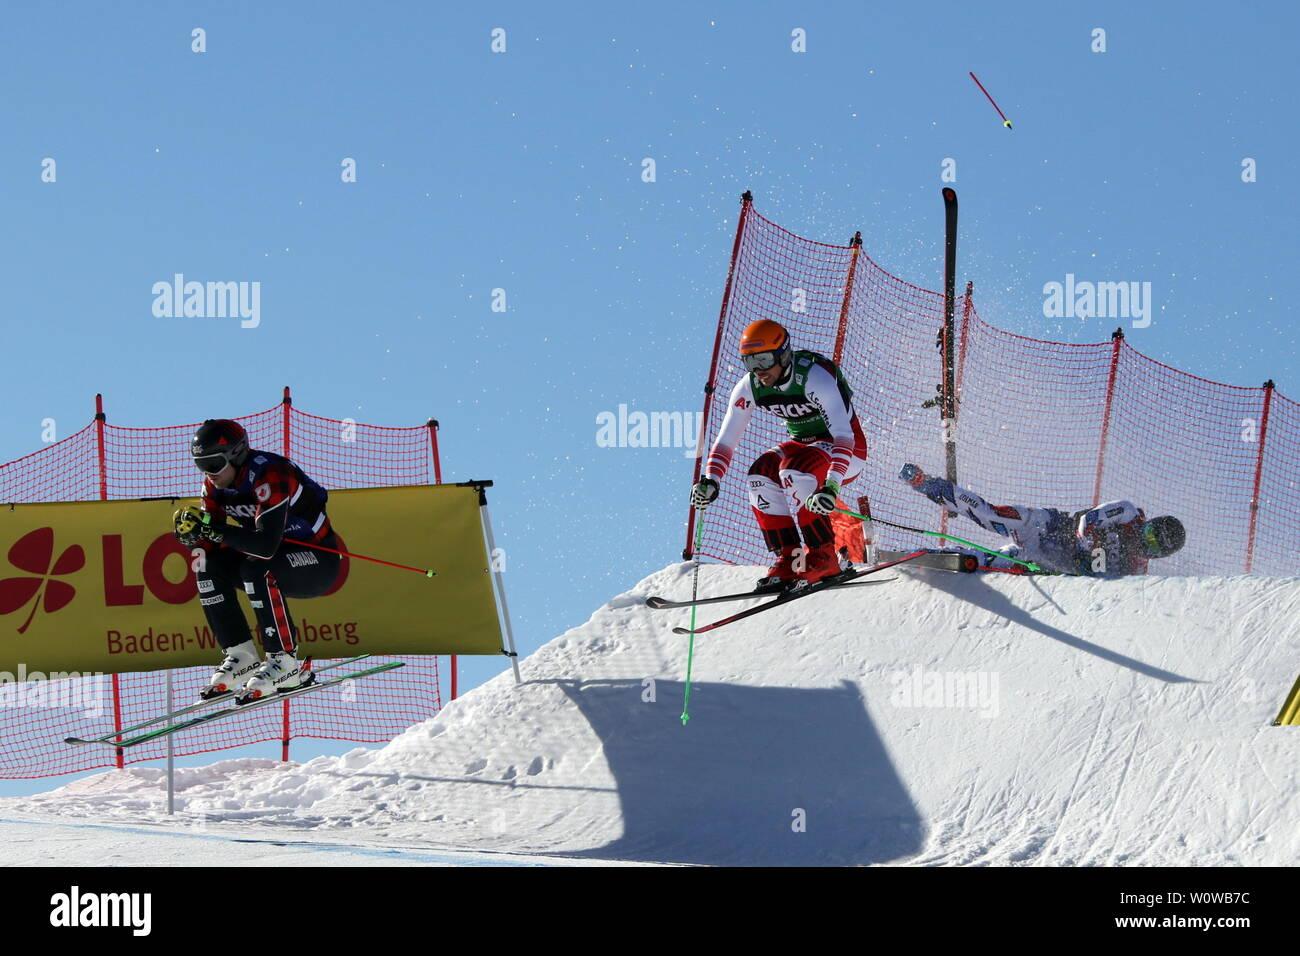 Abgeräumt wurde hier der Franzose Francoise Place, dessen Skistock hoch durch die Luft fliegt -  FIS Ski Cross Weltcup Feldberg - Stock Image